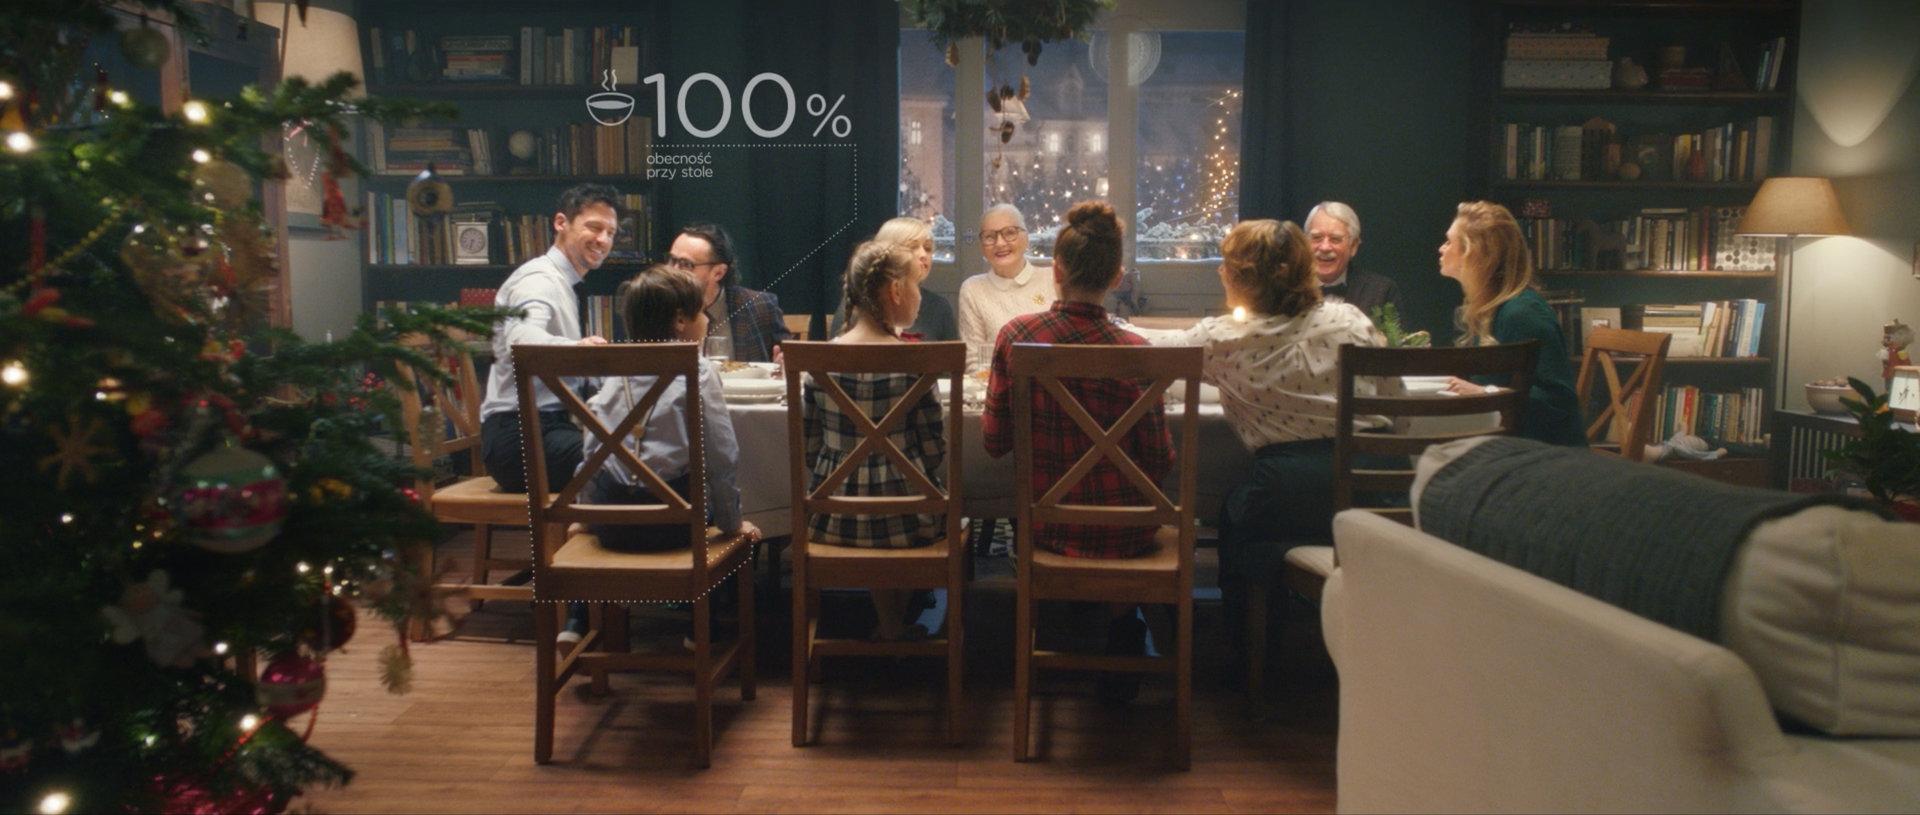 Liczby ważne dla klienta w świątecznej kampanii Providenta